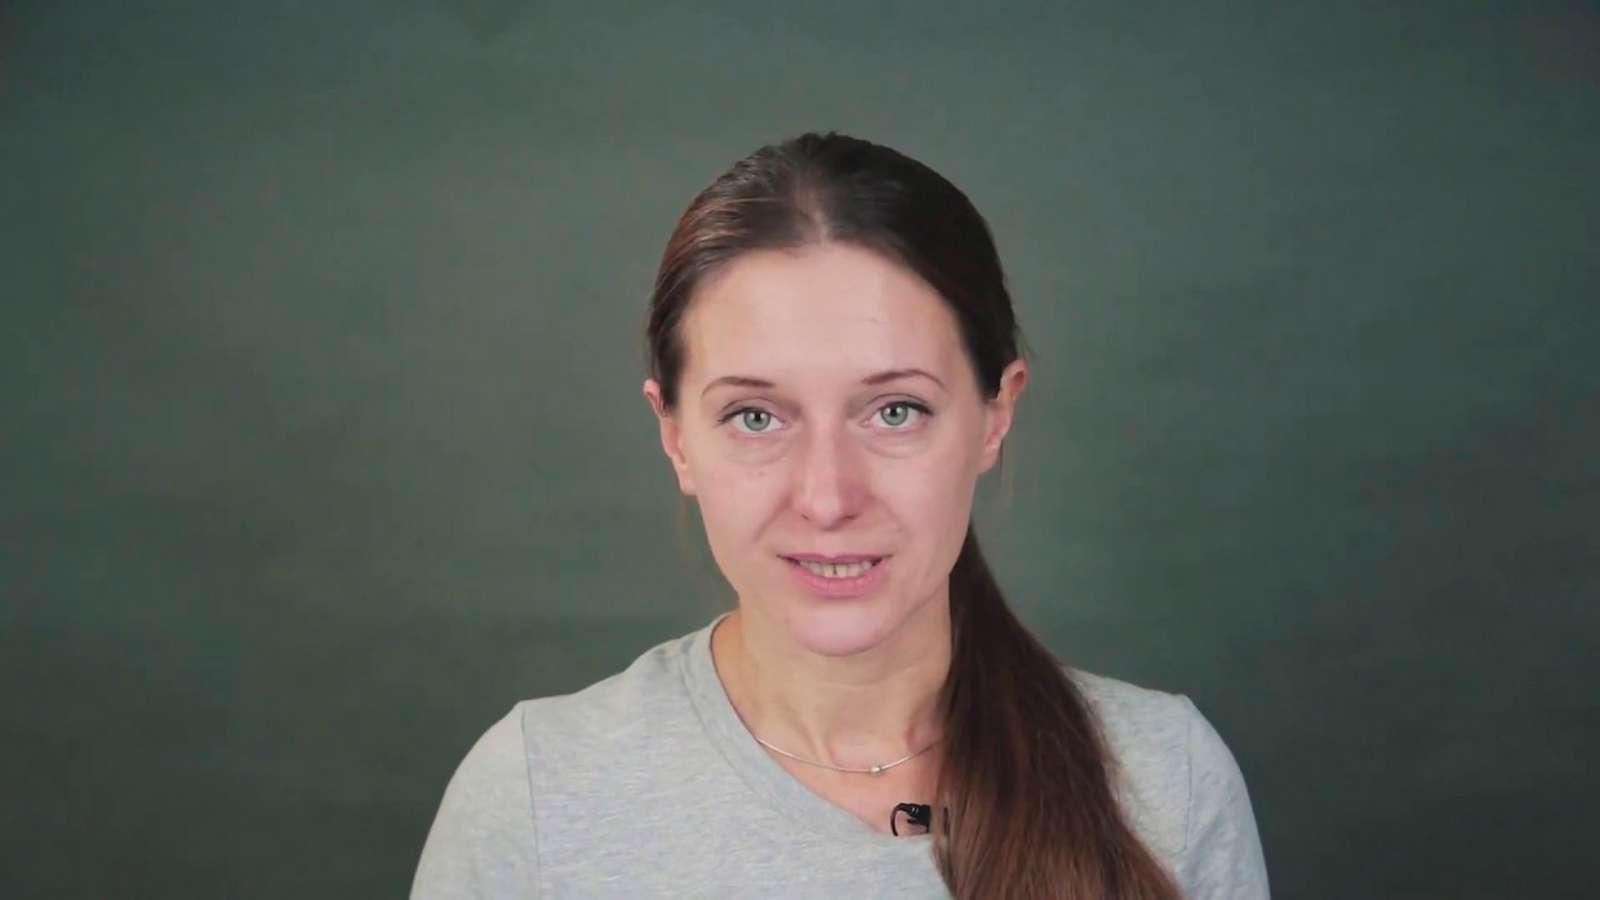 Прокопьева должна ответить по закону за оправдание терроризма